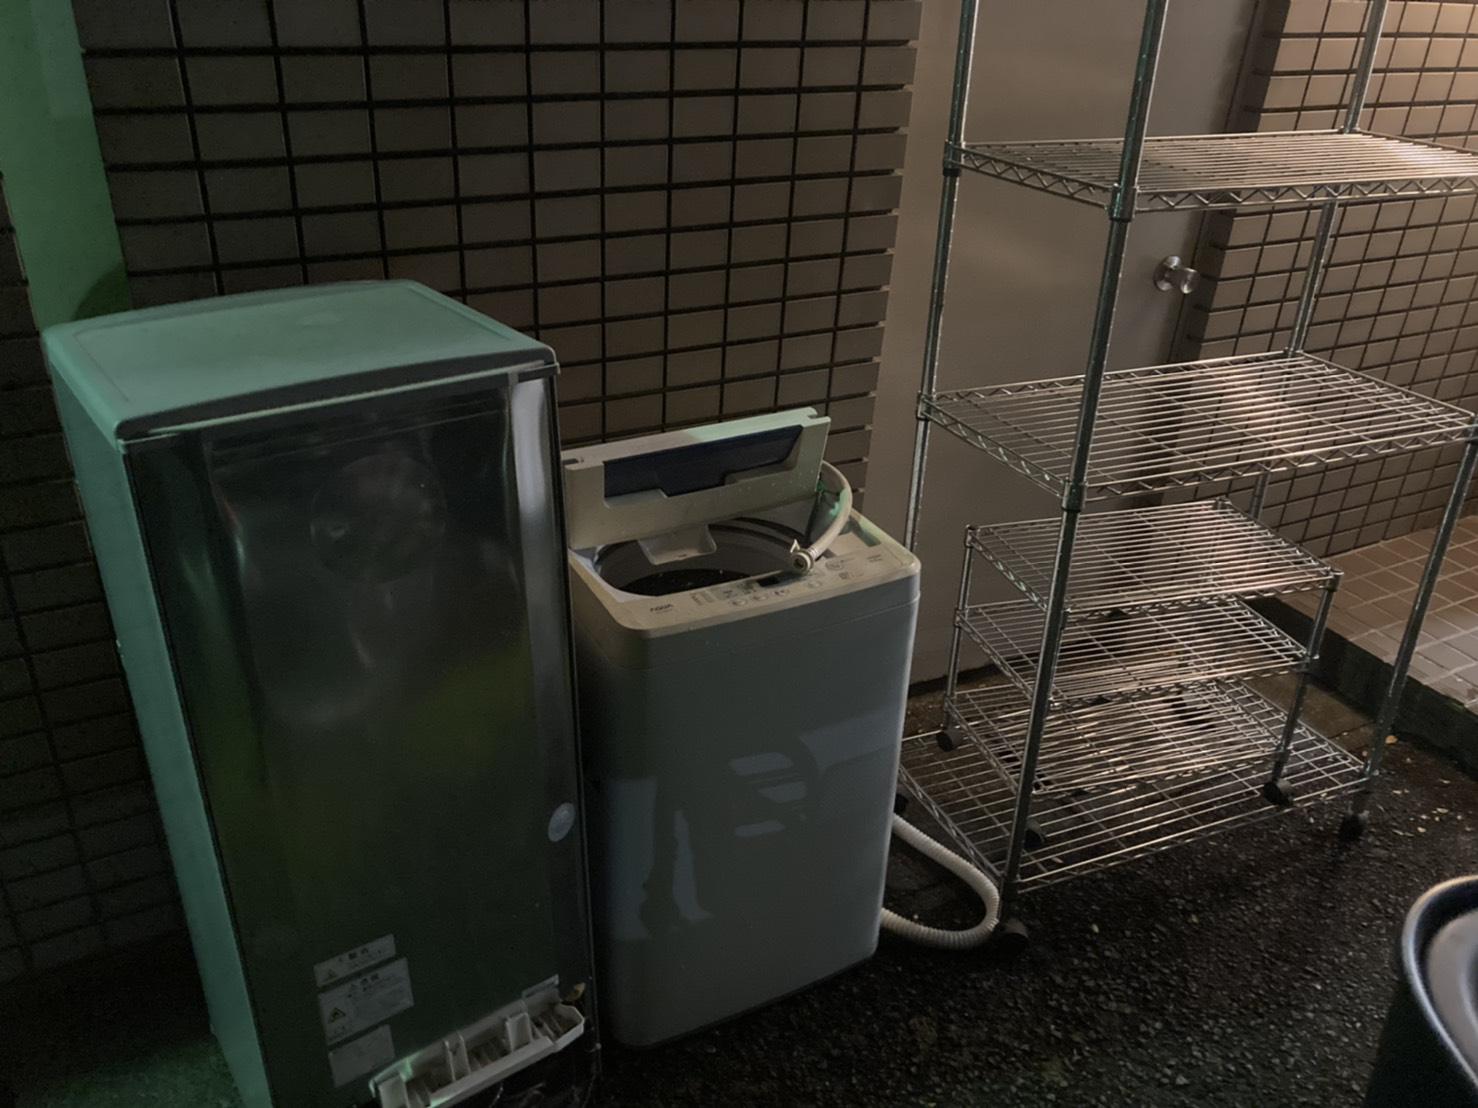 洗濯機、冷蔵庫、メタルラックの回収前